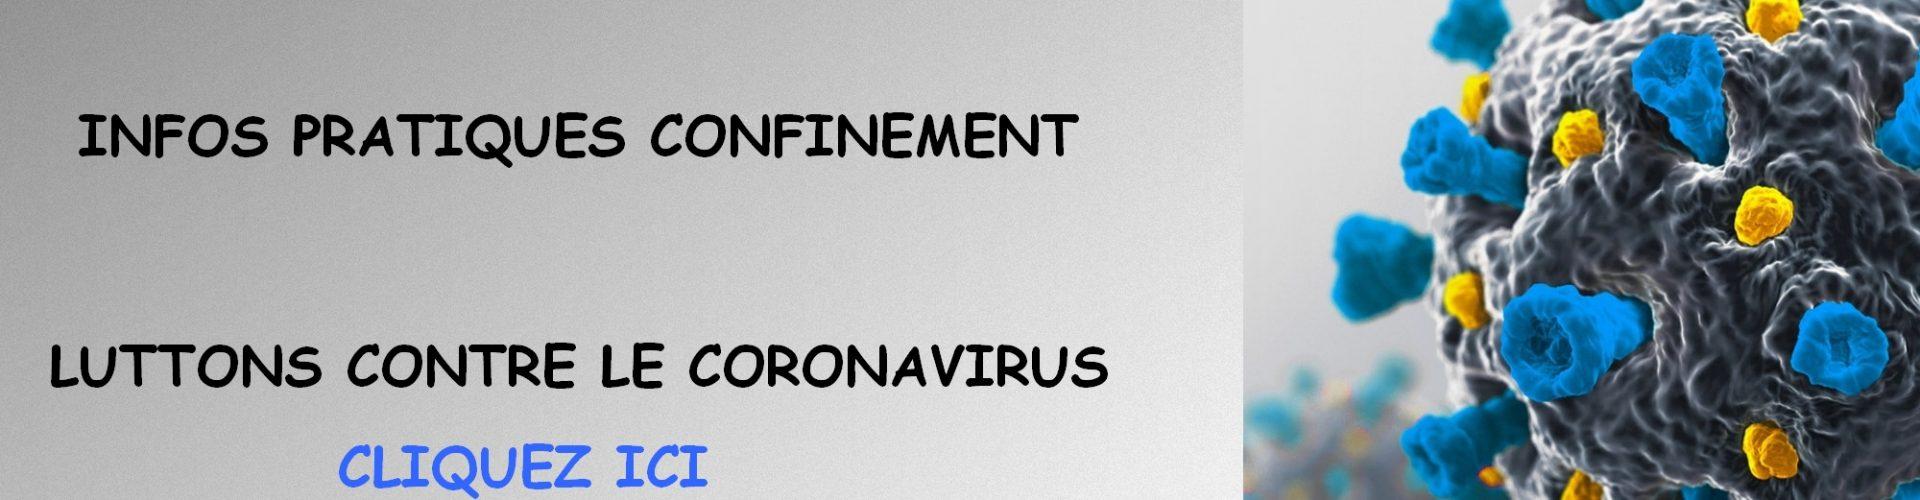 INFOS PRATIQUES CONFINEMENT A